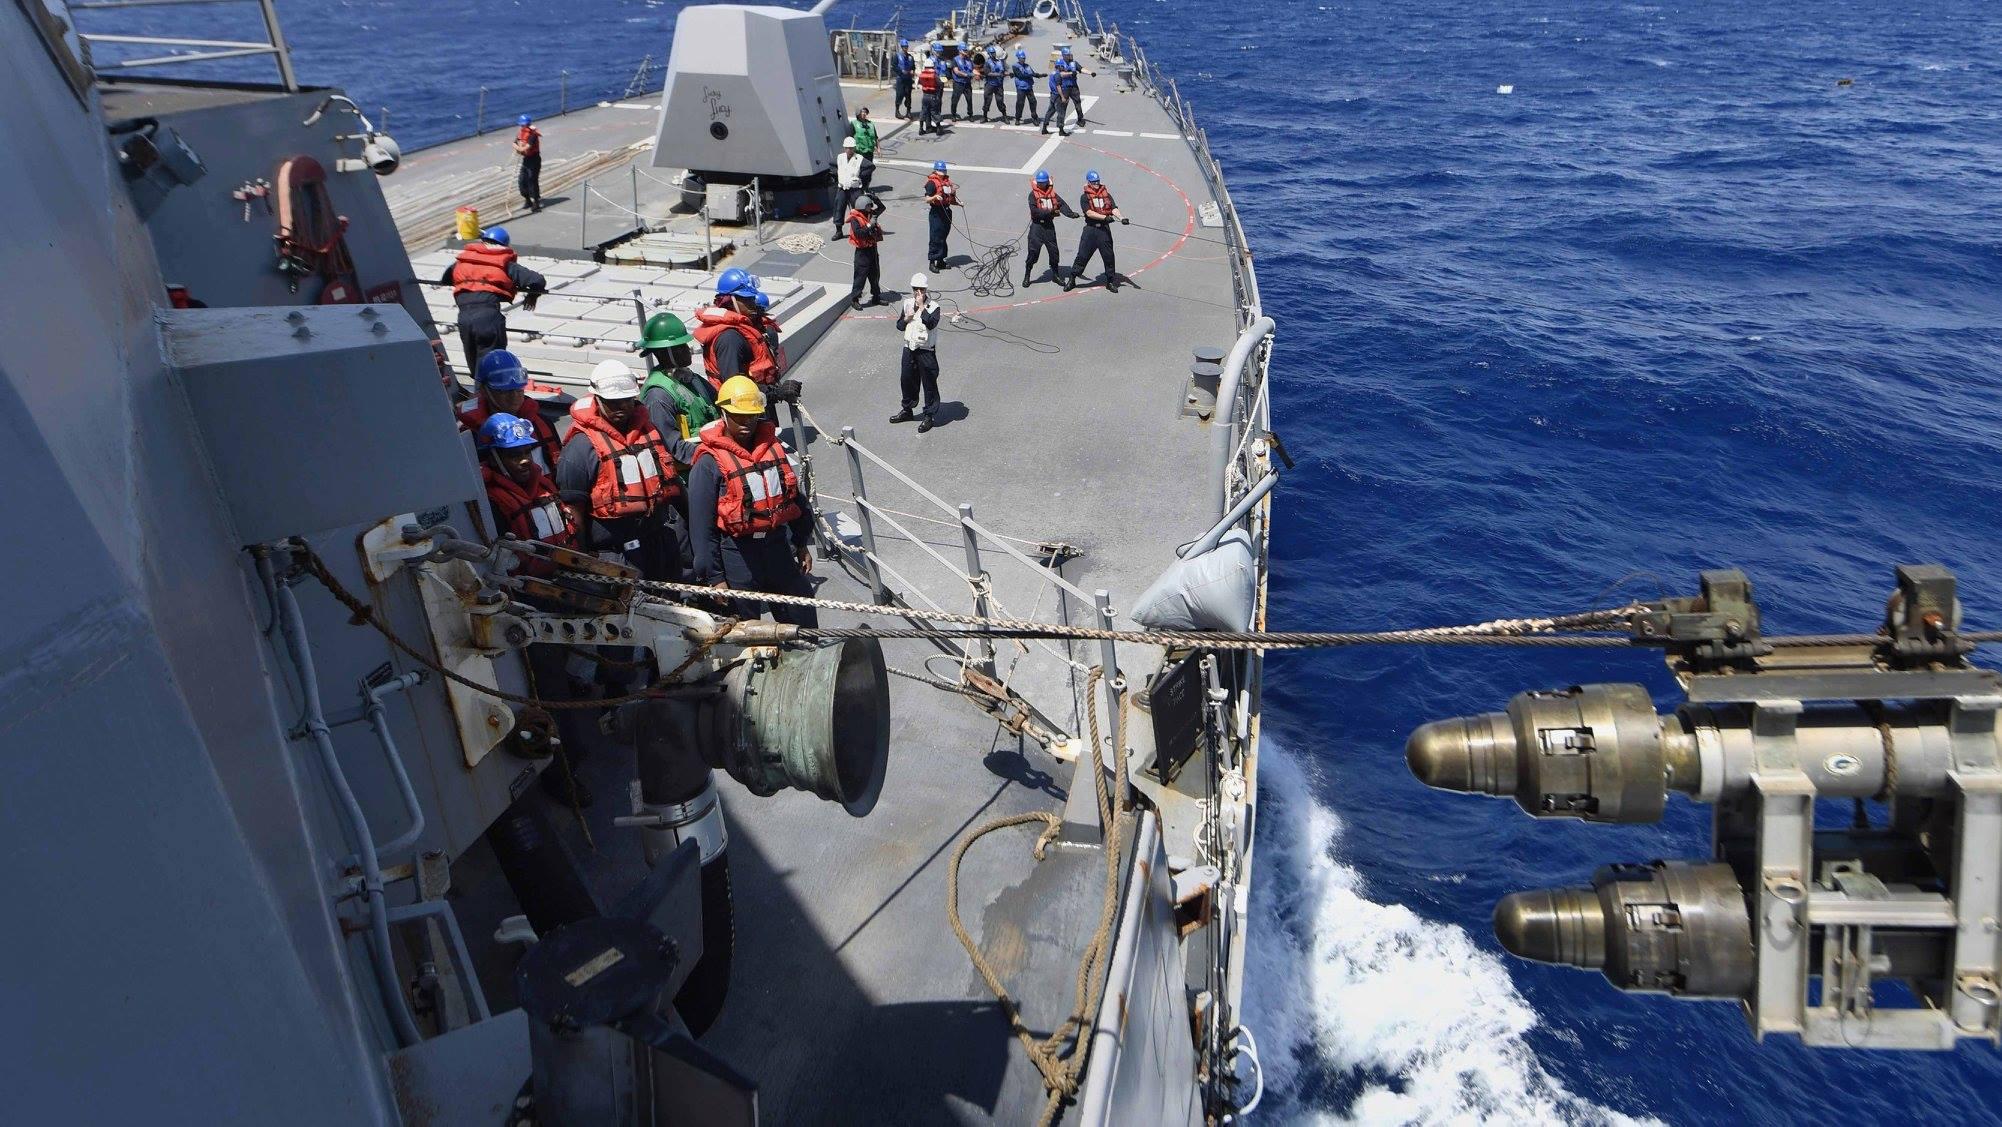 美军也绕台?美舰穿过台湾海峡后再次现身南海